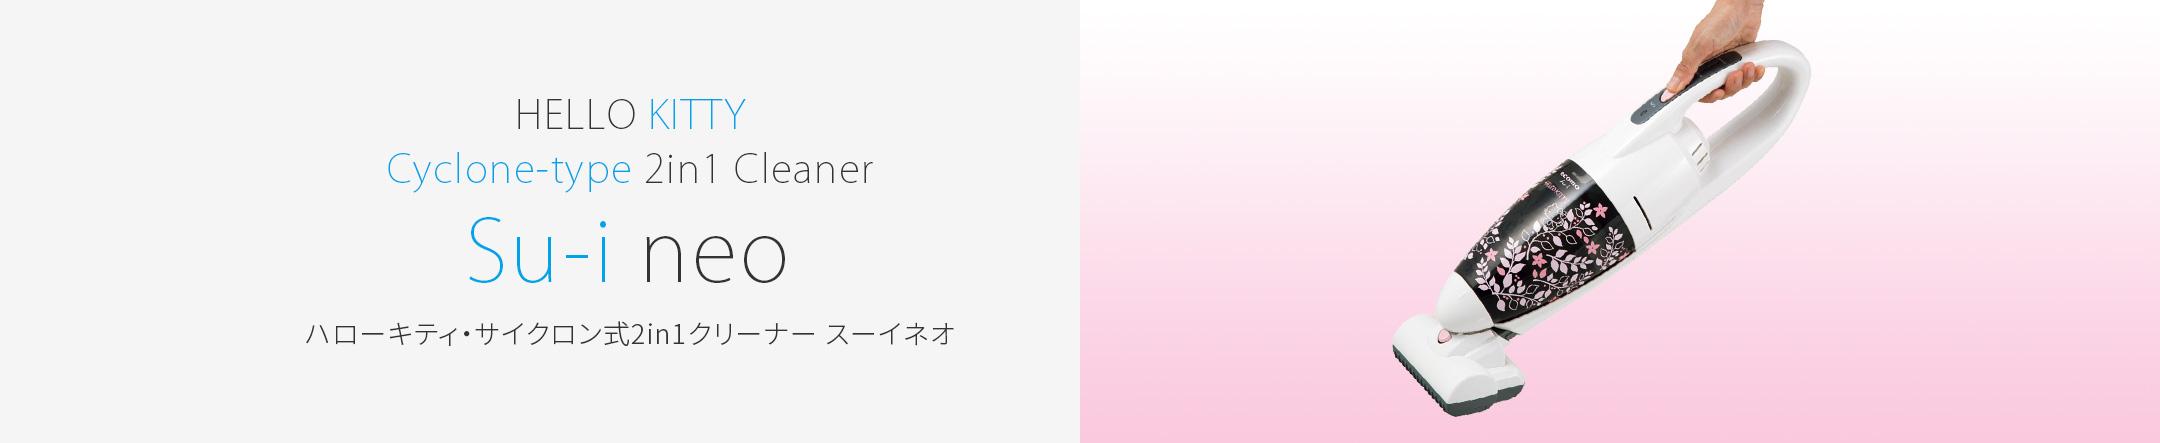 エコモ ハローキティ・サイクロン式2in1クリーナー スーイネオ